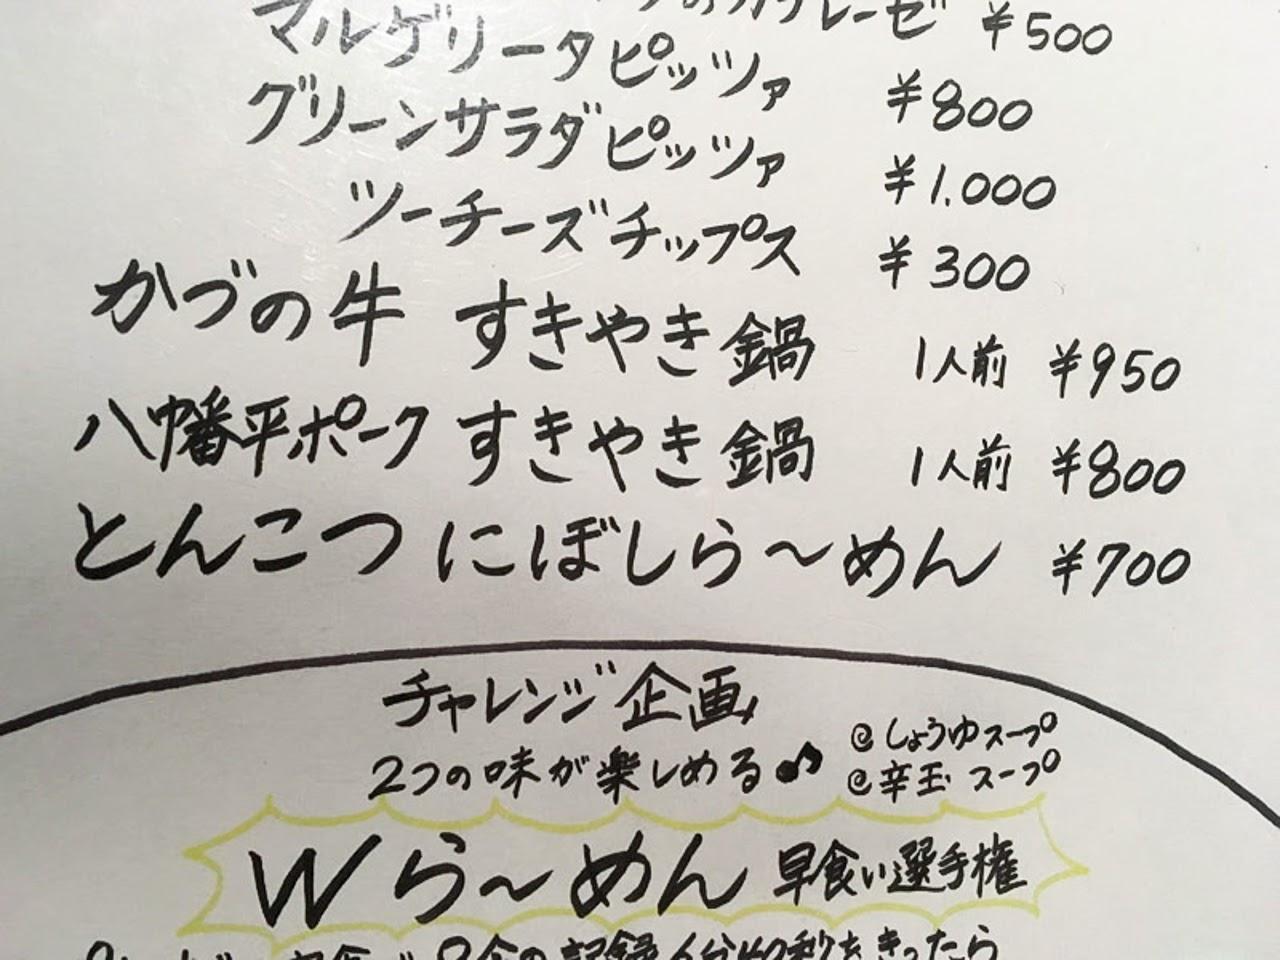 ワンタンメンじゃなくても!?平和軒の七福ラーメンが予想以上に美味しかった(秋田県鹿角市)